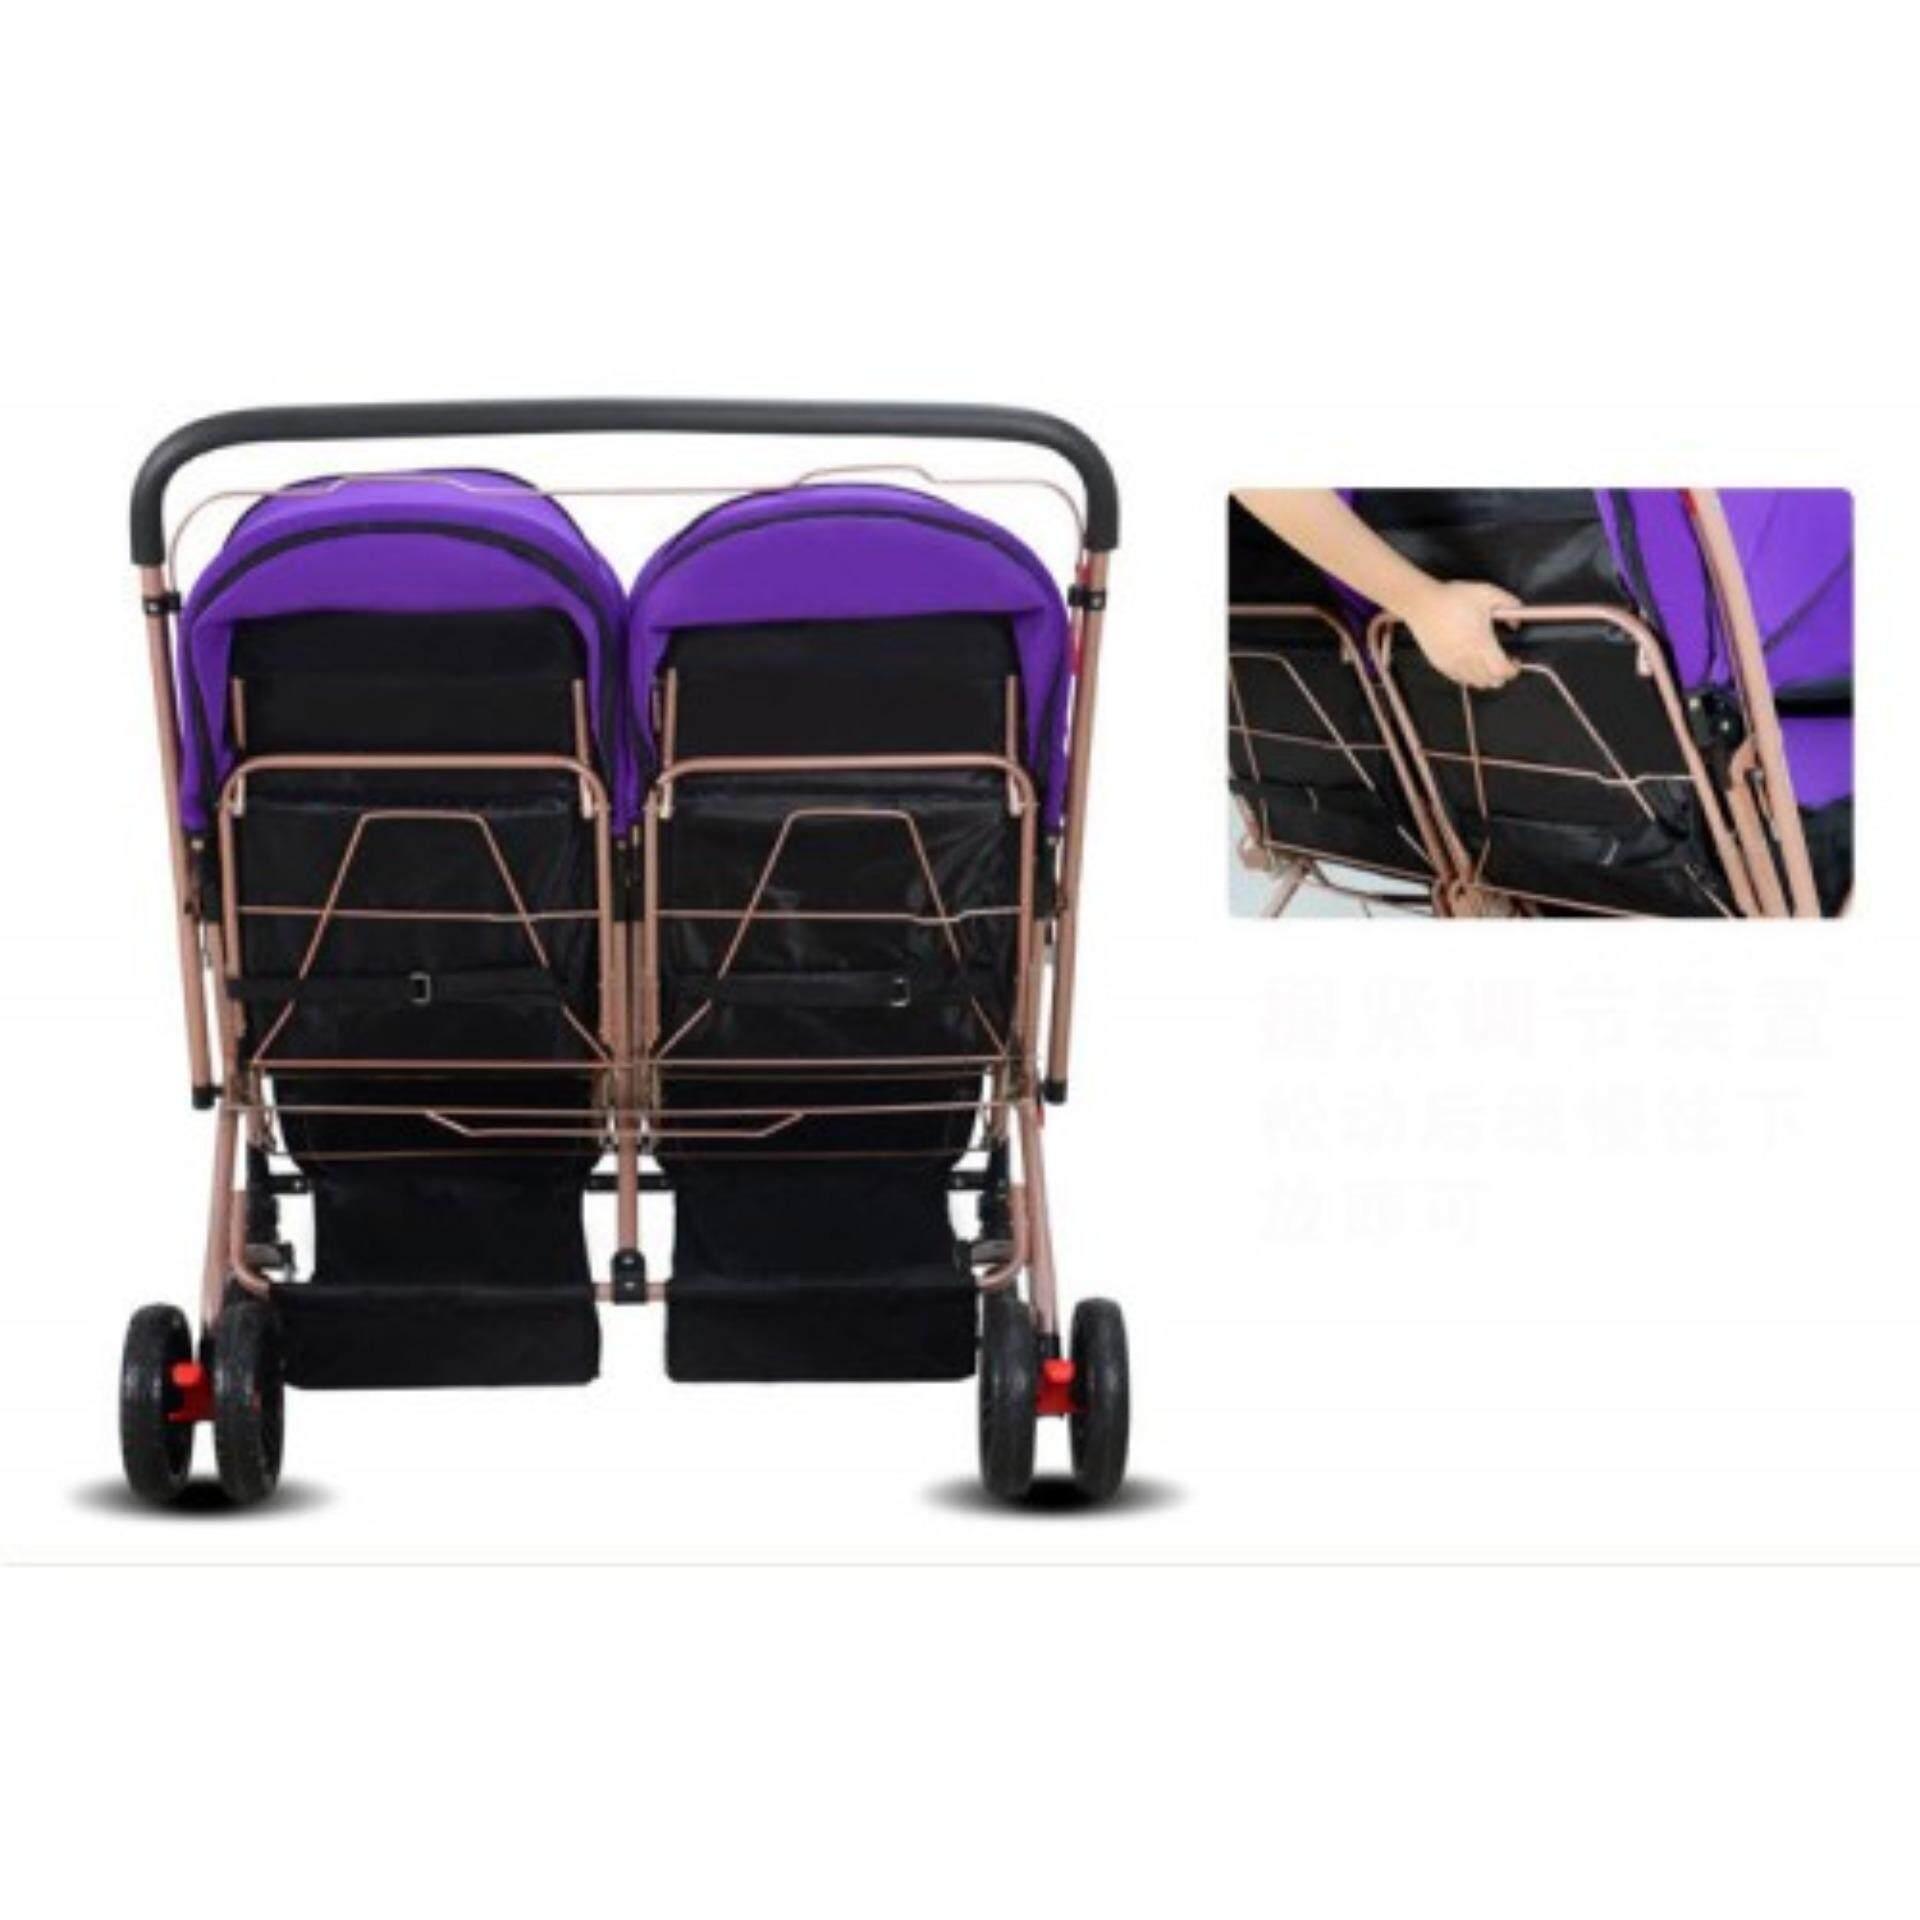 ลดราคาเพื่อคุณ Sweet Heart Paris รถเข็นเด็กแบบนอน Sweet Heart Paris BG203 Stroller รถเข็นเด็ก One Second Folding Portable Baby Buggy Stroller ร้านที่เครดิตดีที่1